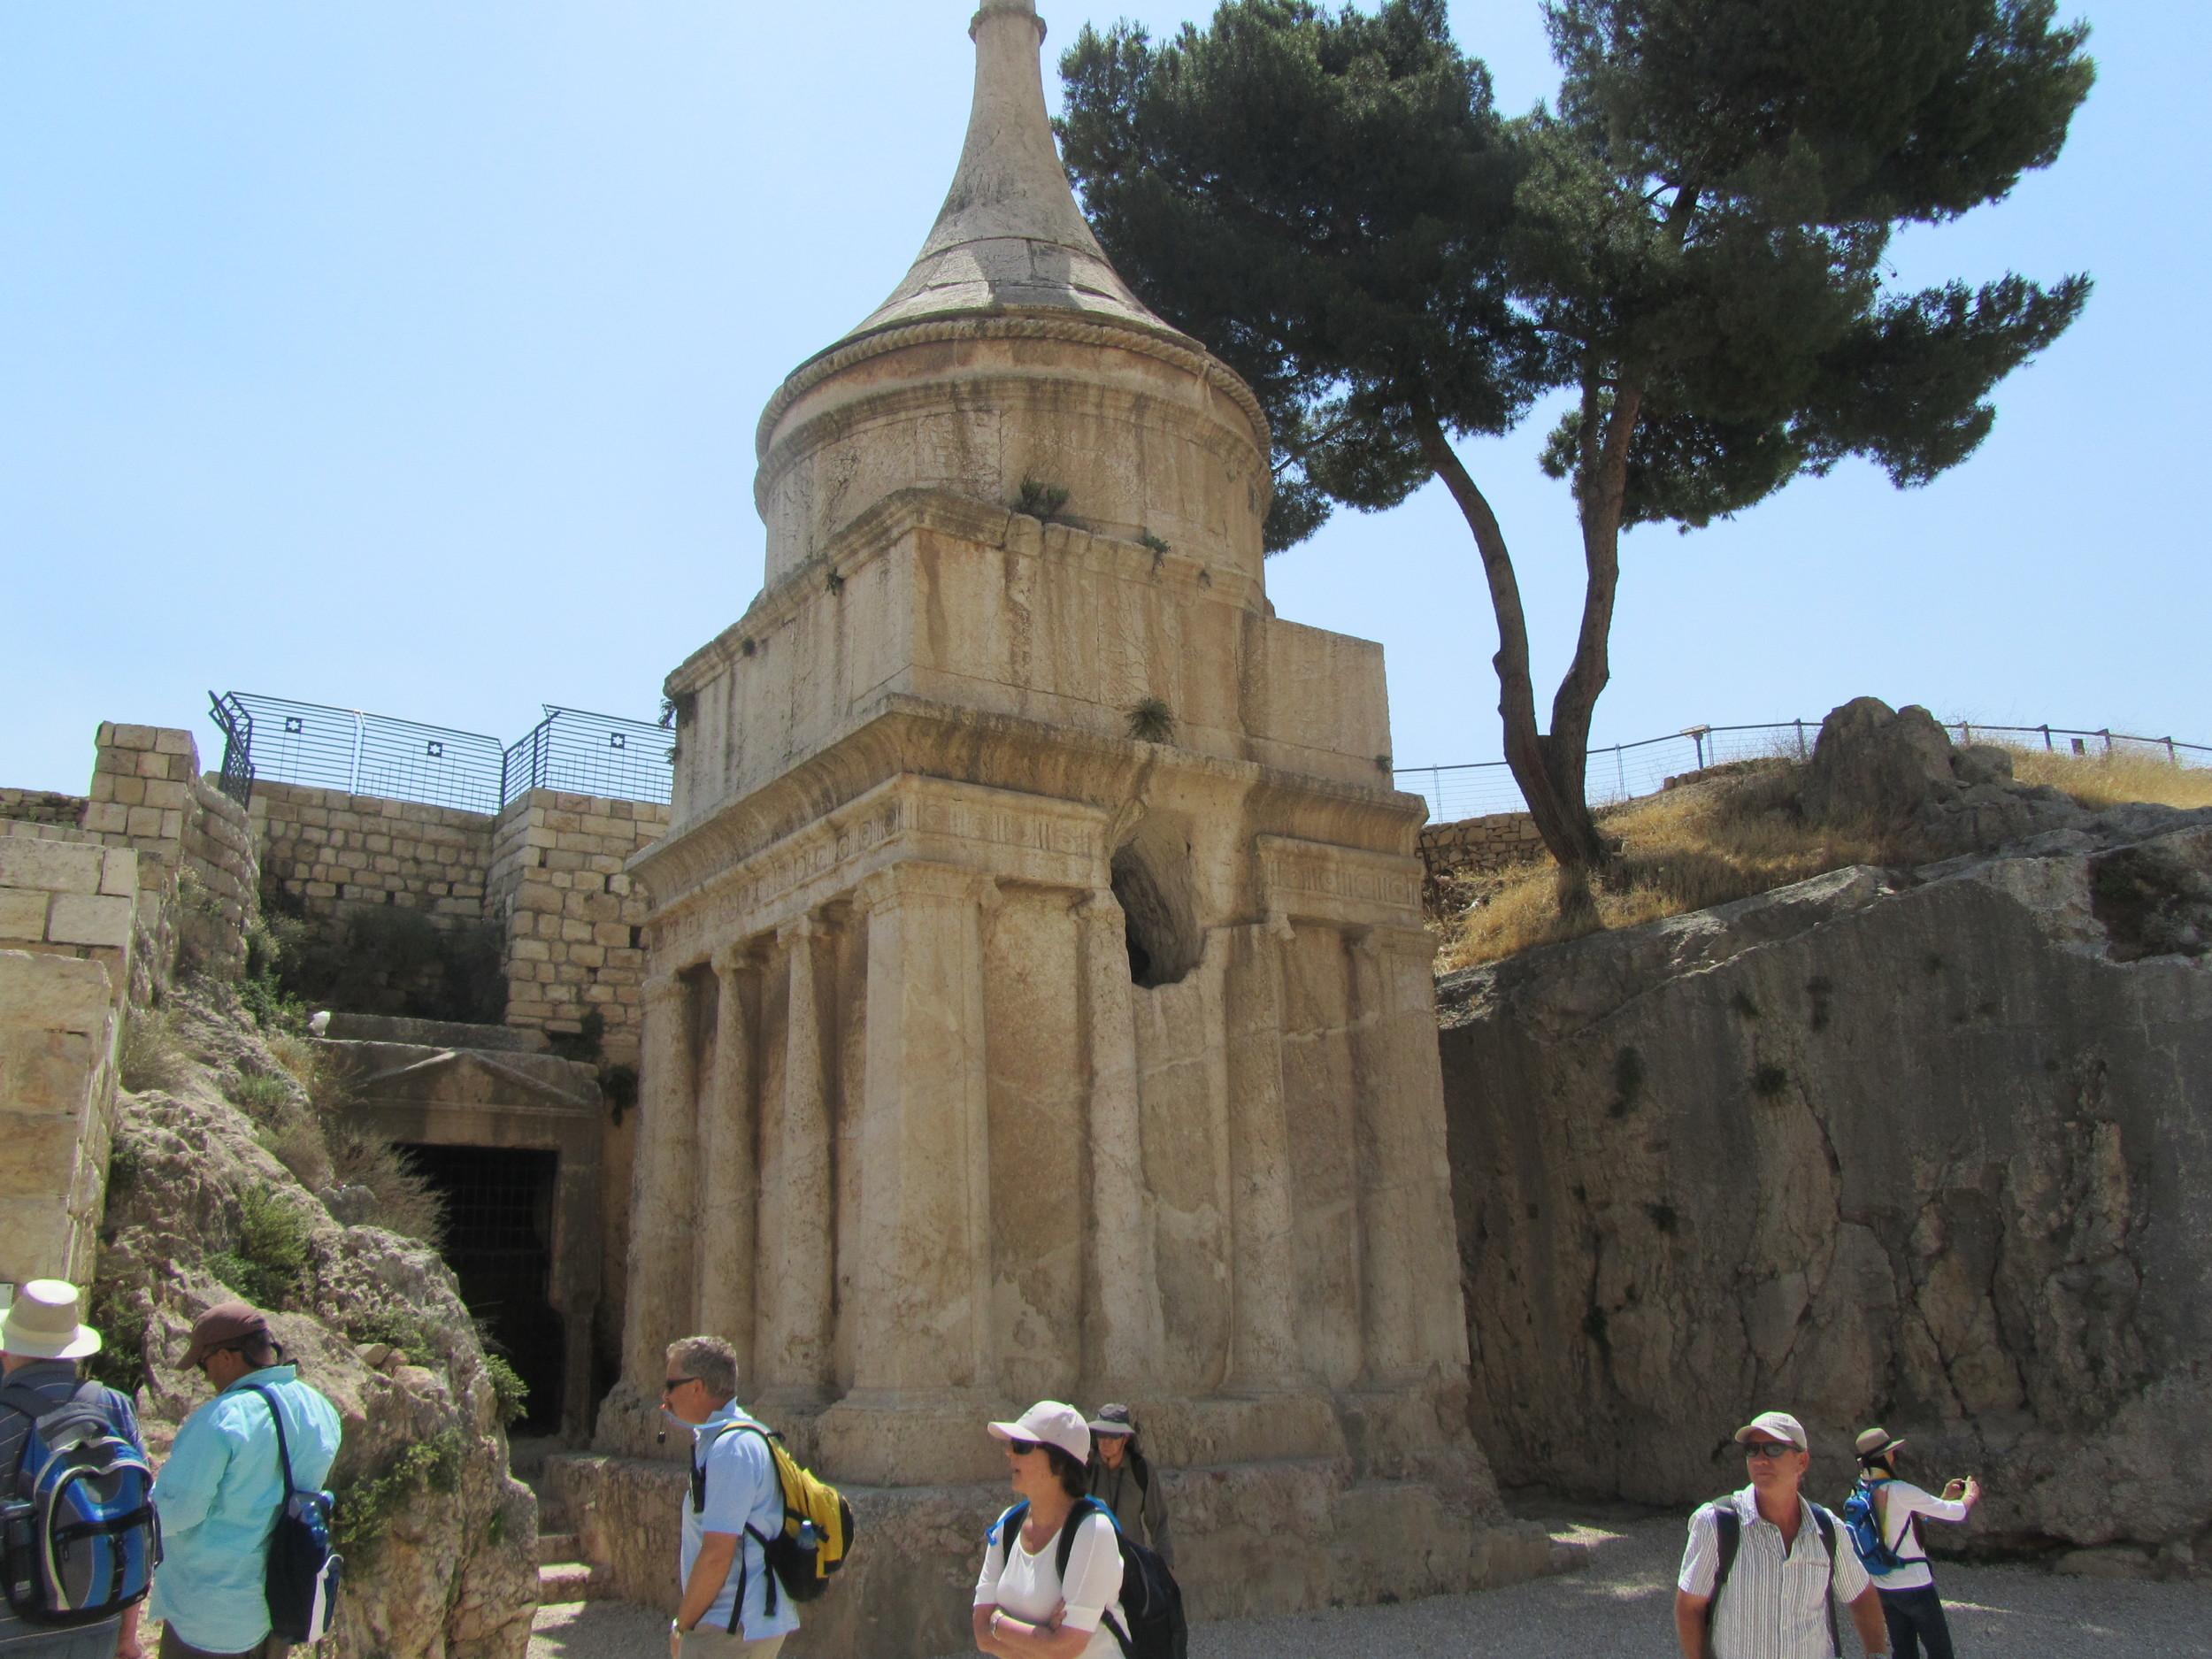 Walking through the Kidron Valley next to Absolom's Pillar